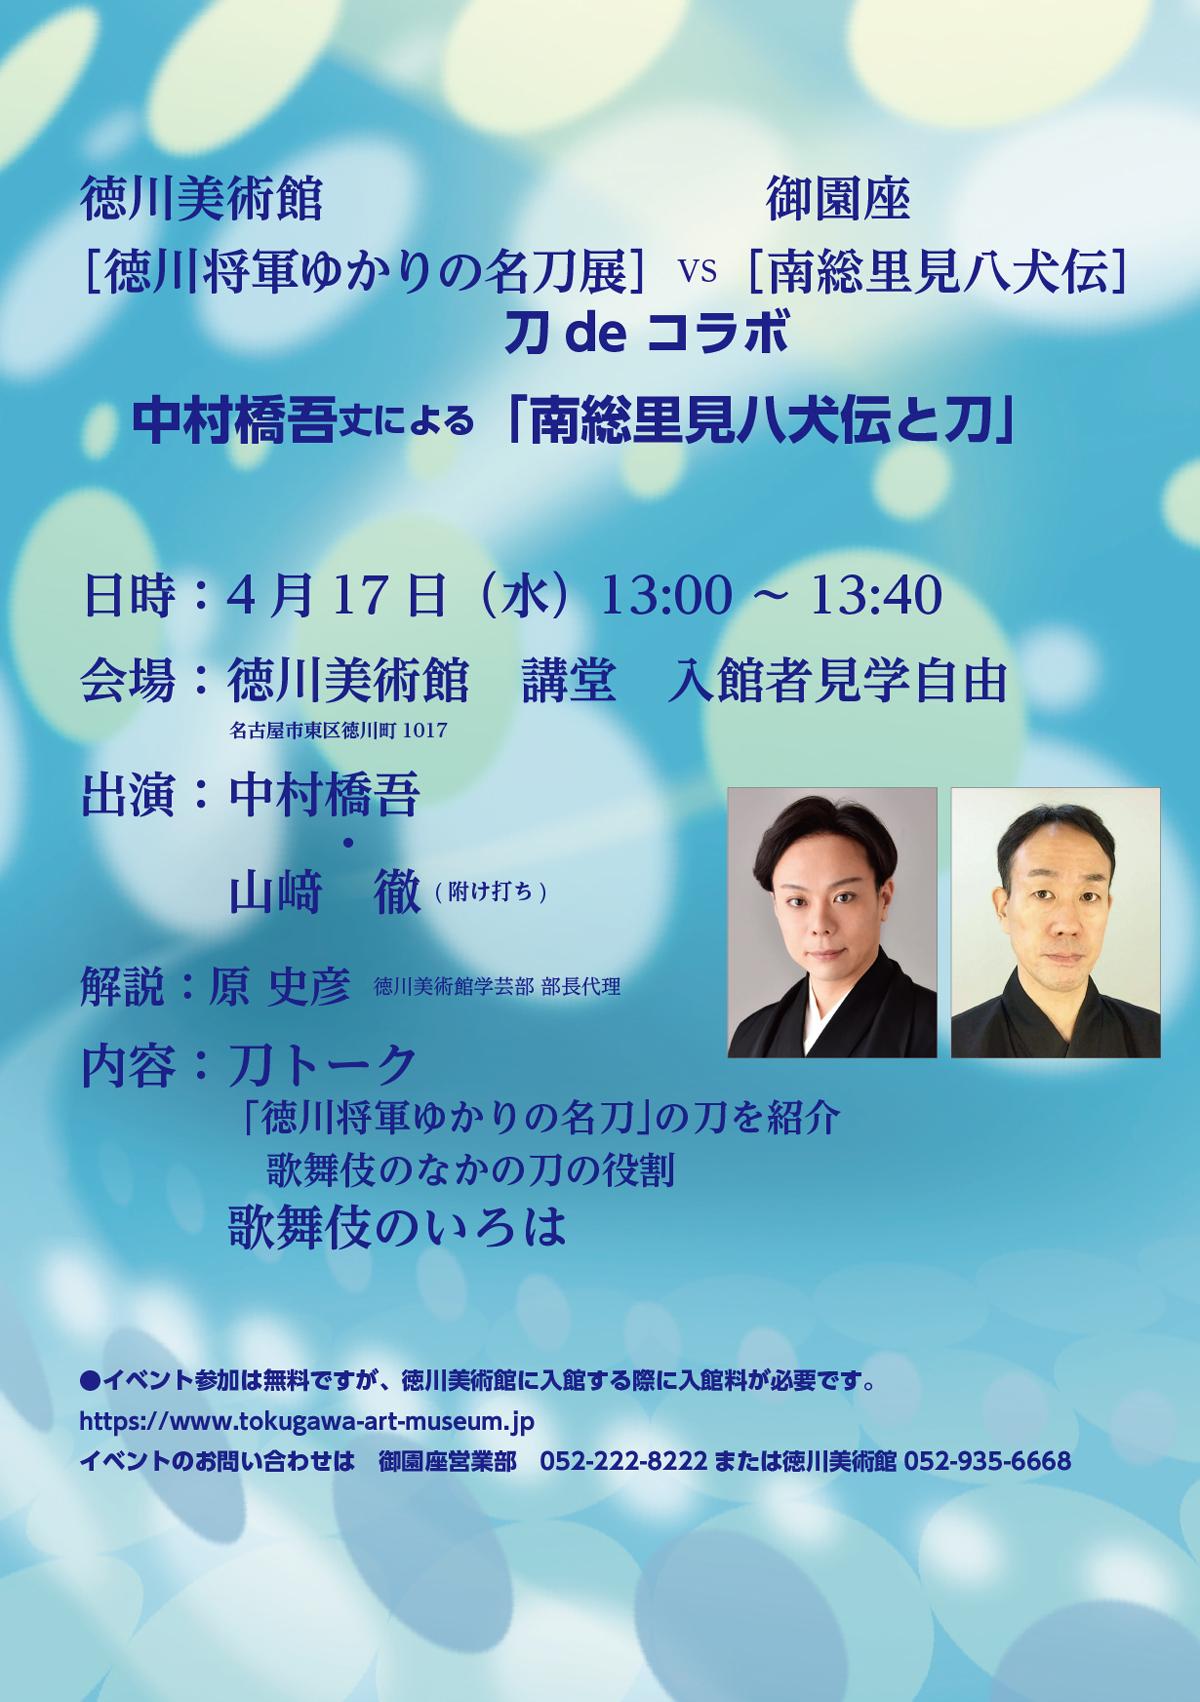 徳川美術館 歌舞伎イベント